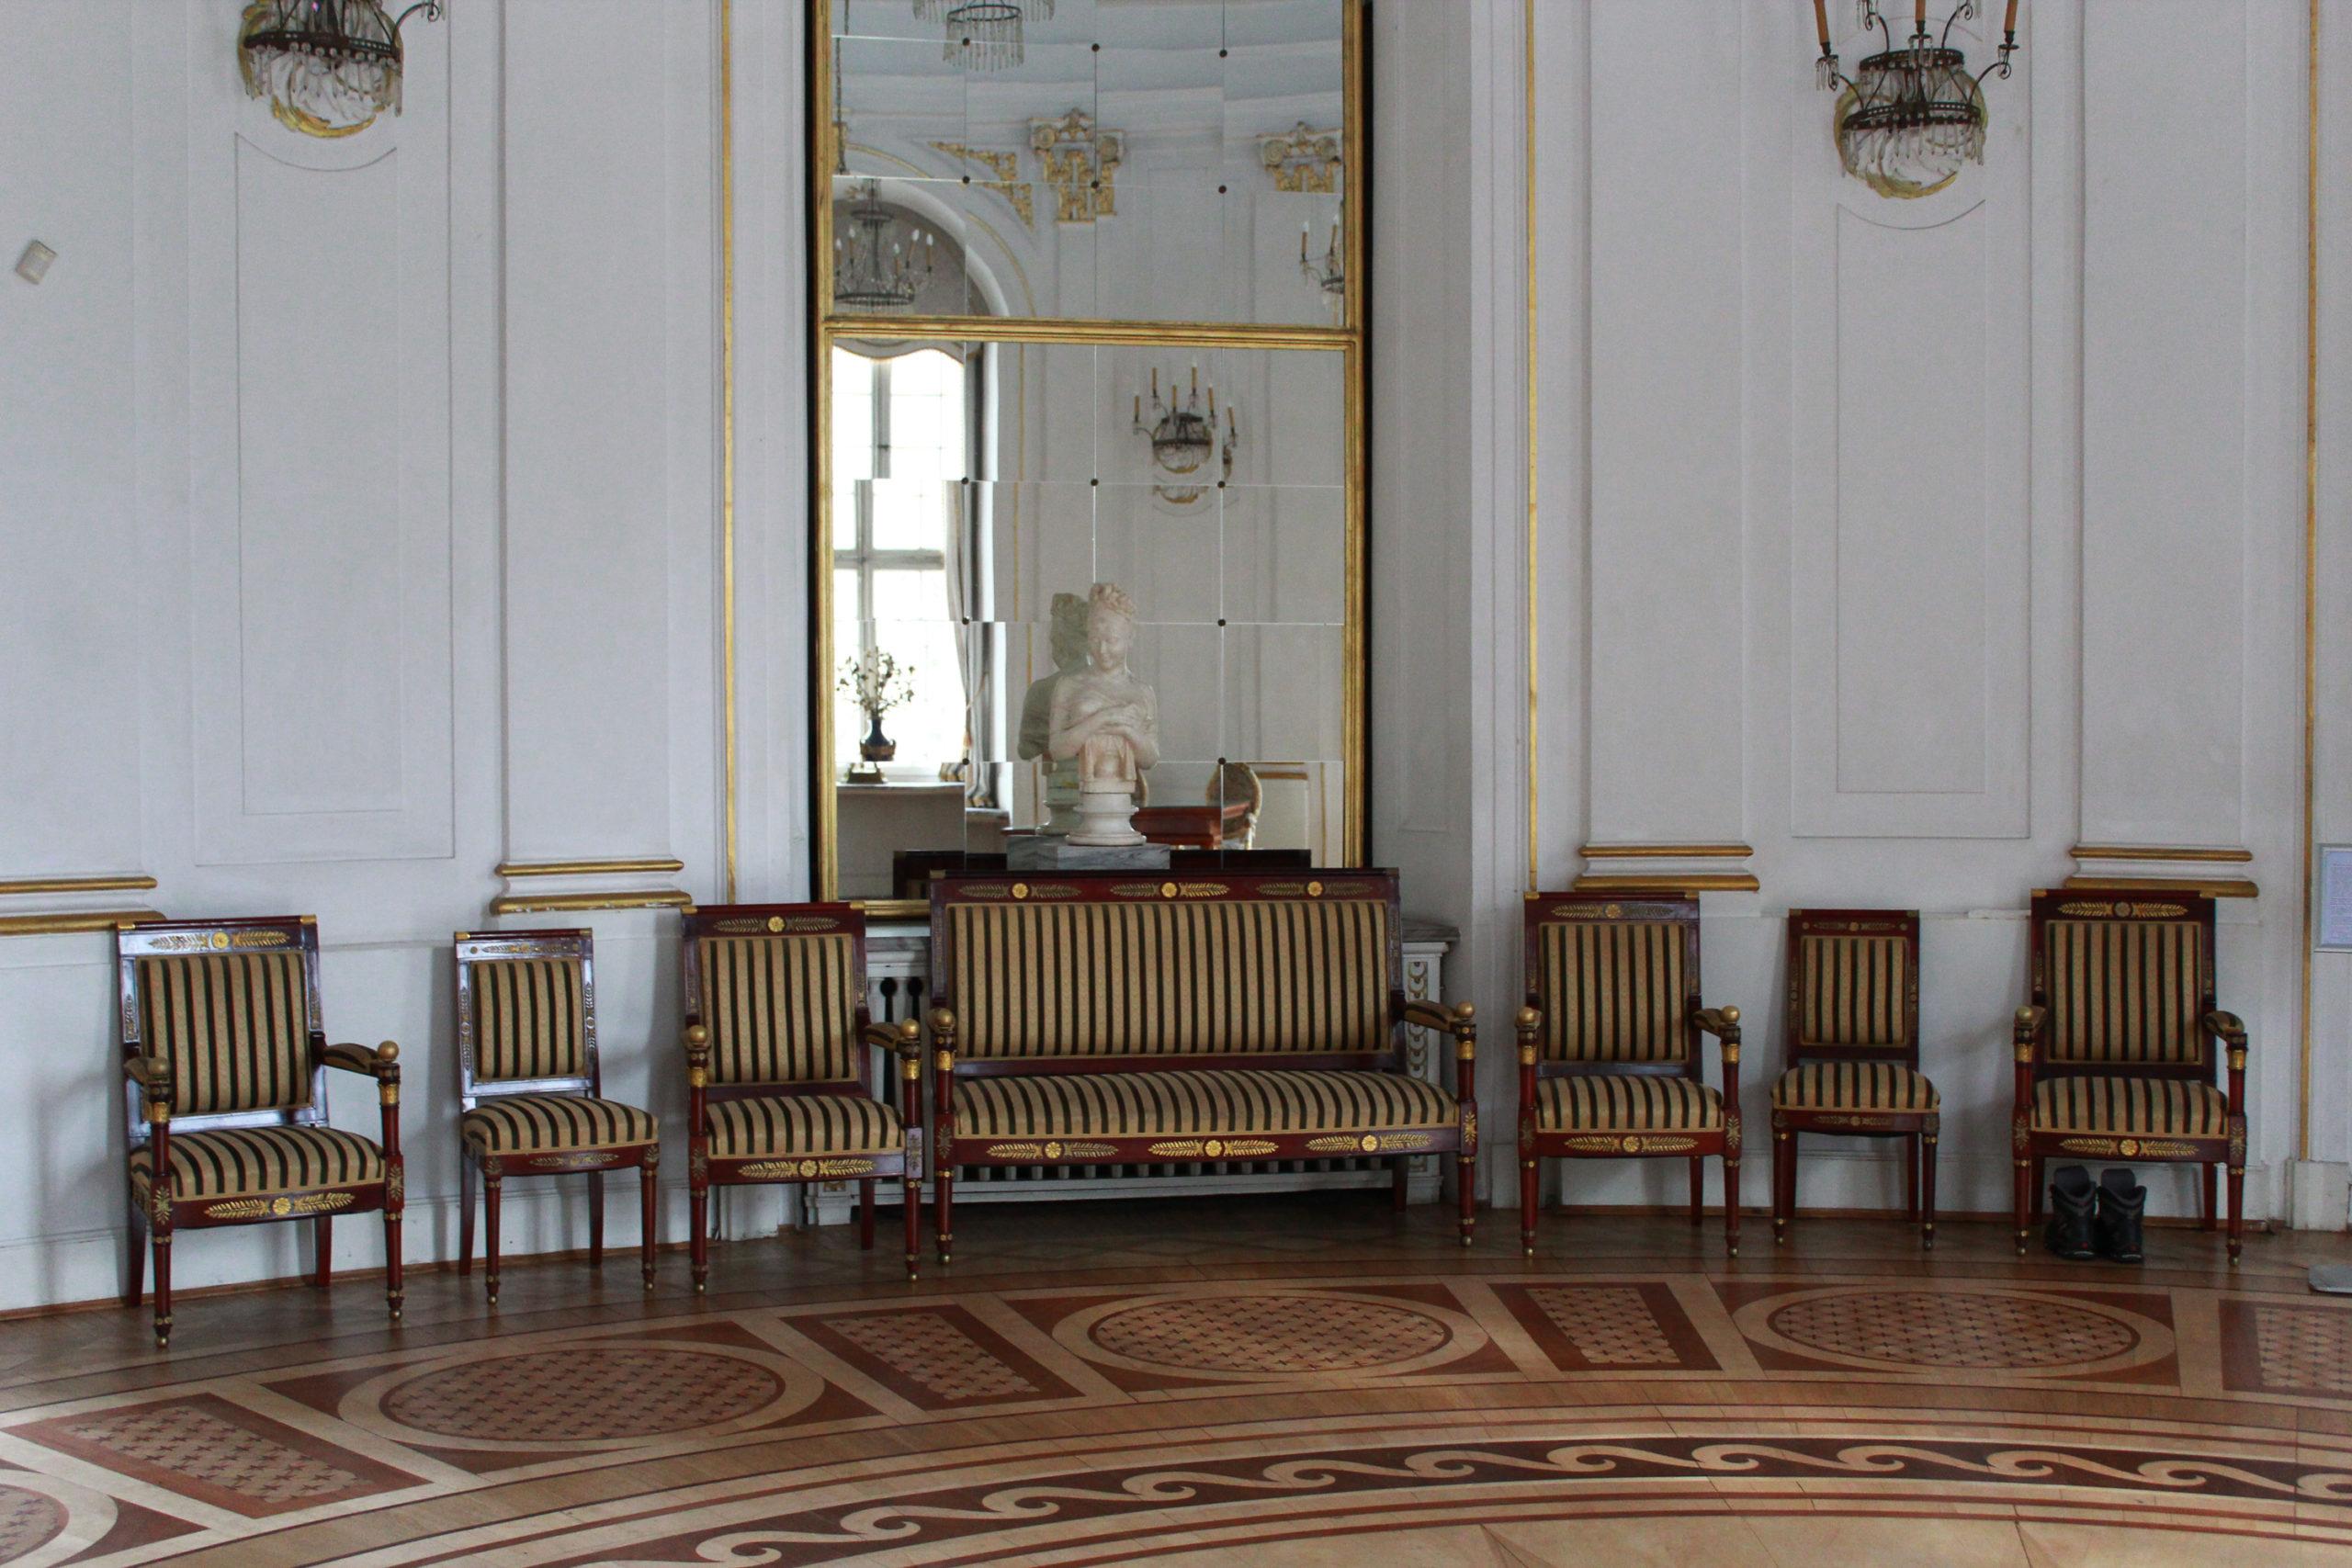 krzesła pod ścianą w pałacu